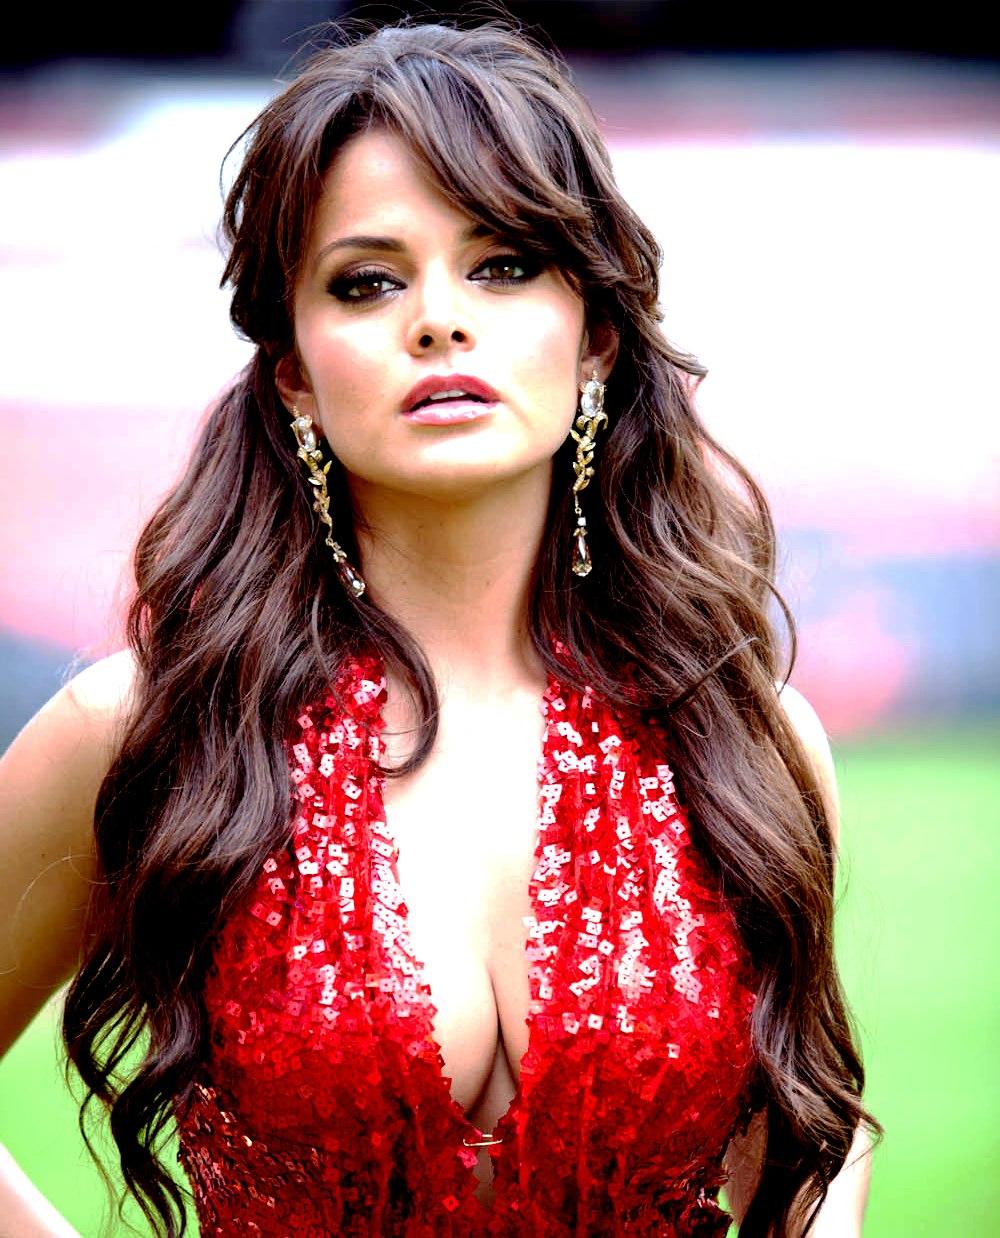 Marisol González Casas hot | The Hottes